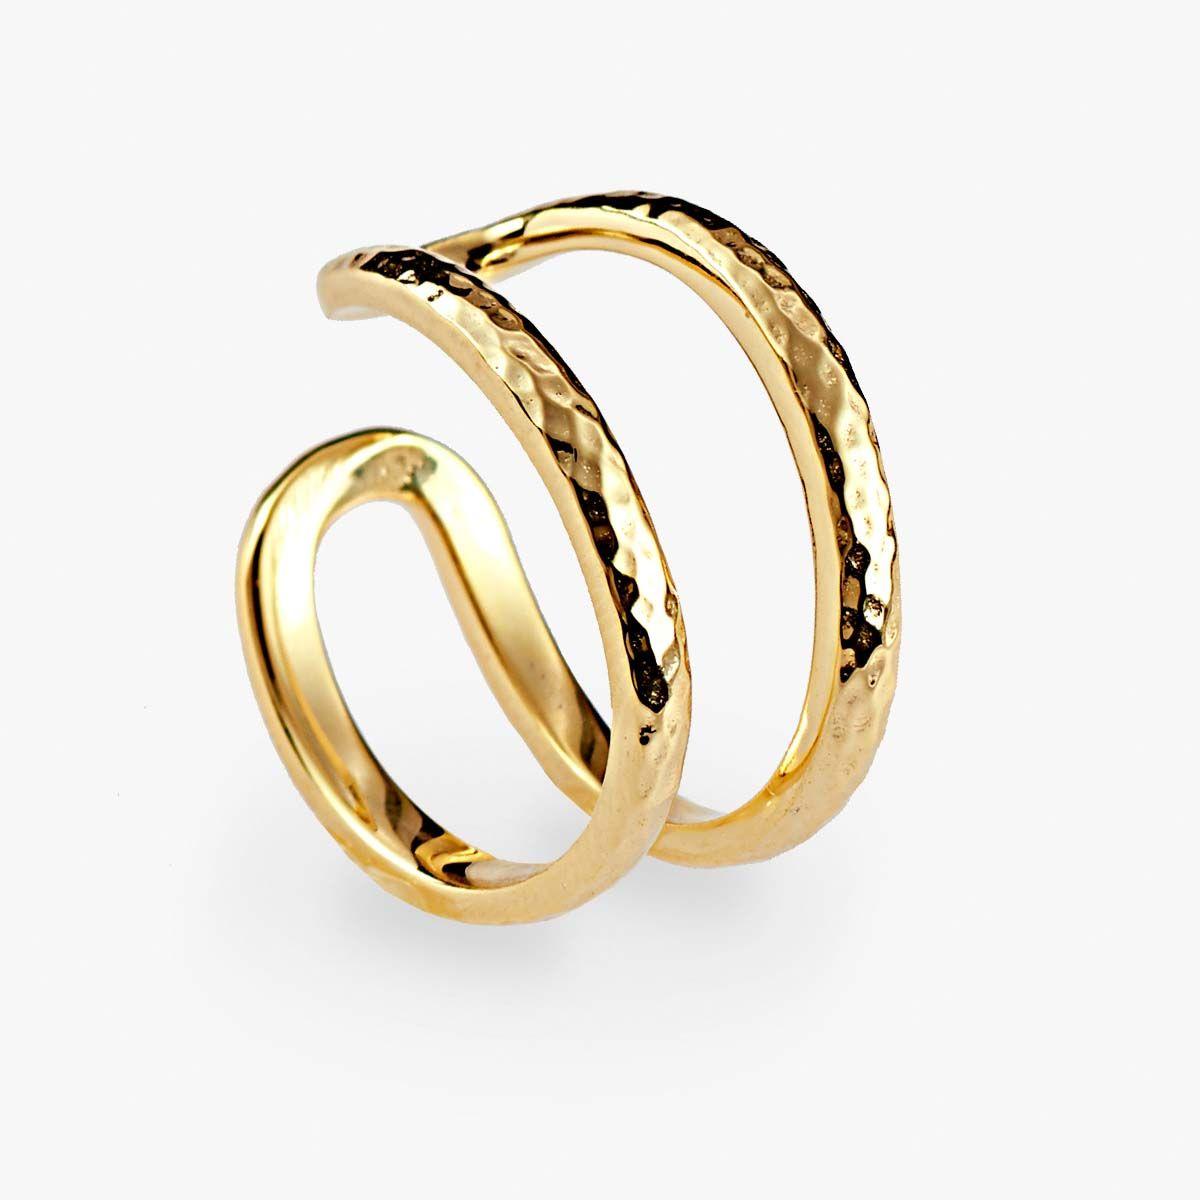 Double ring - Ringe - 18k vergoldet